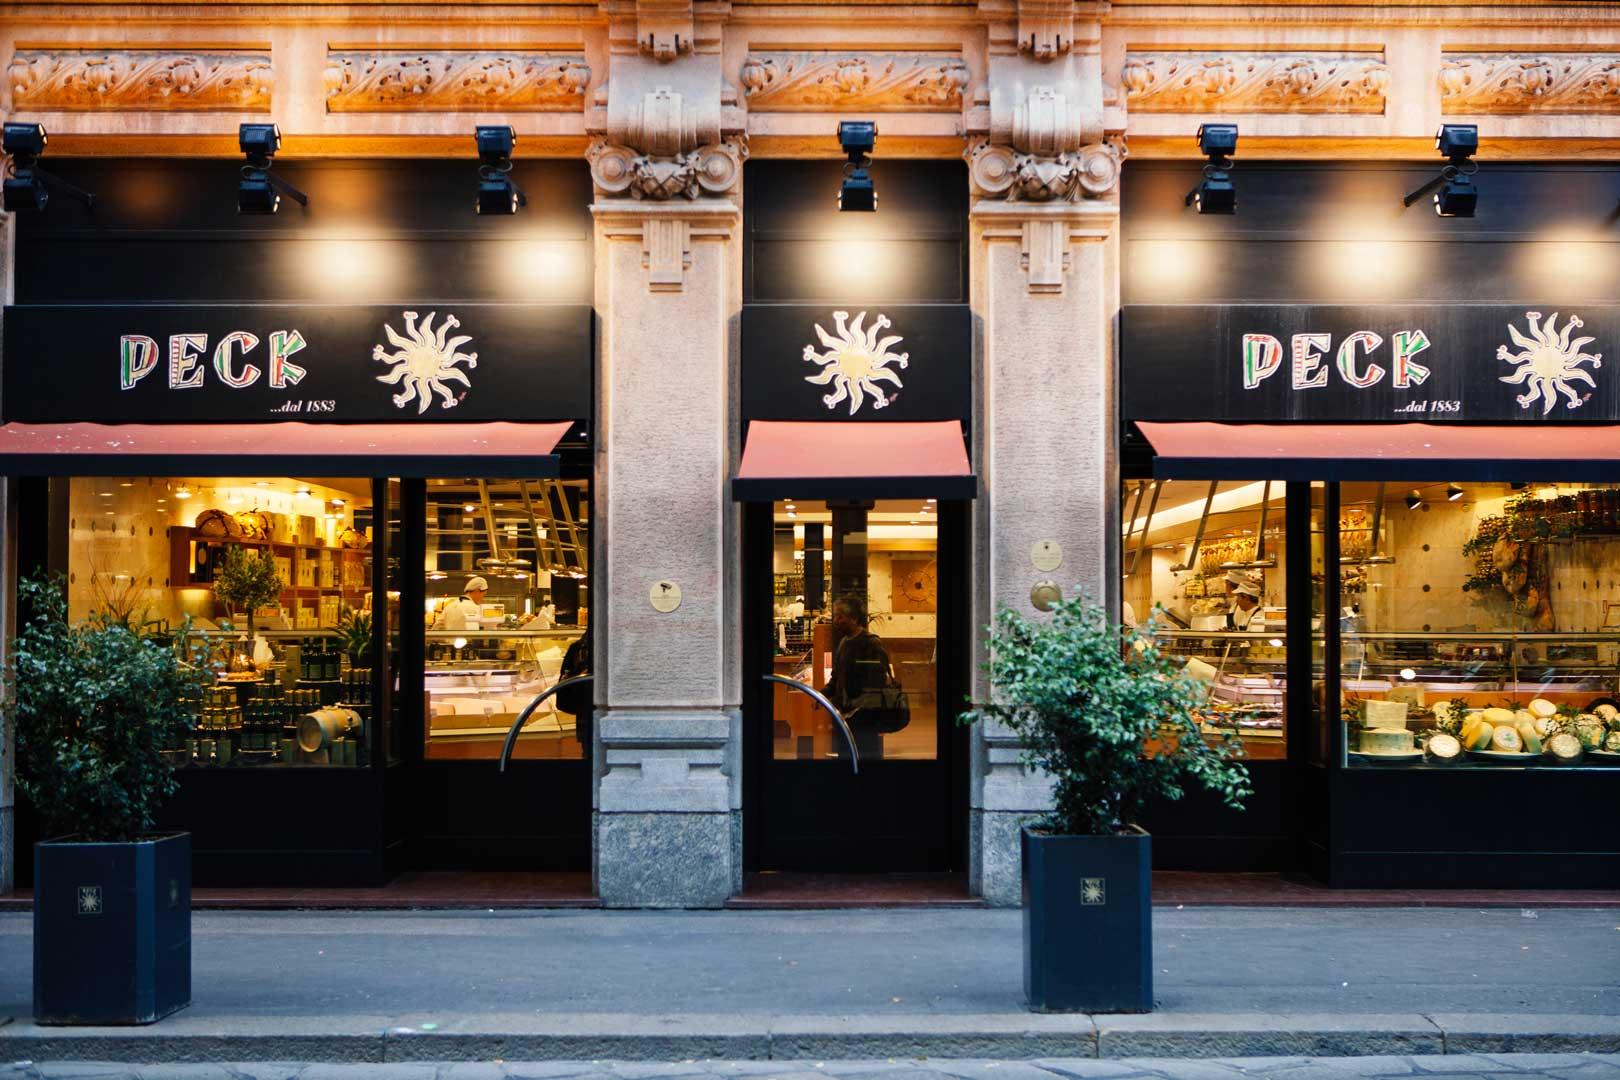 Peck - Via Spadari, Milano.